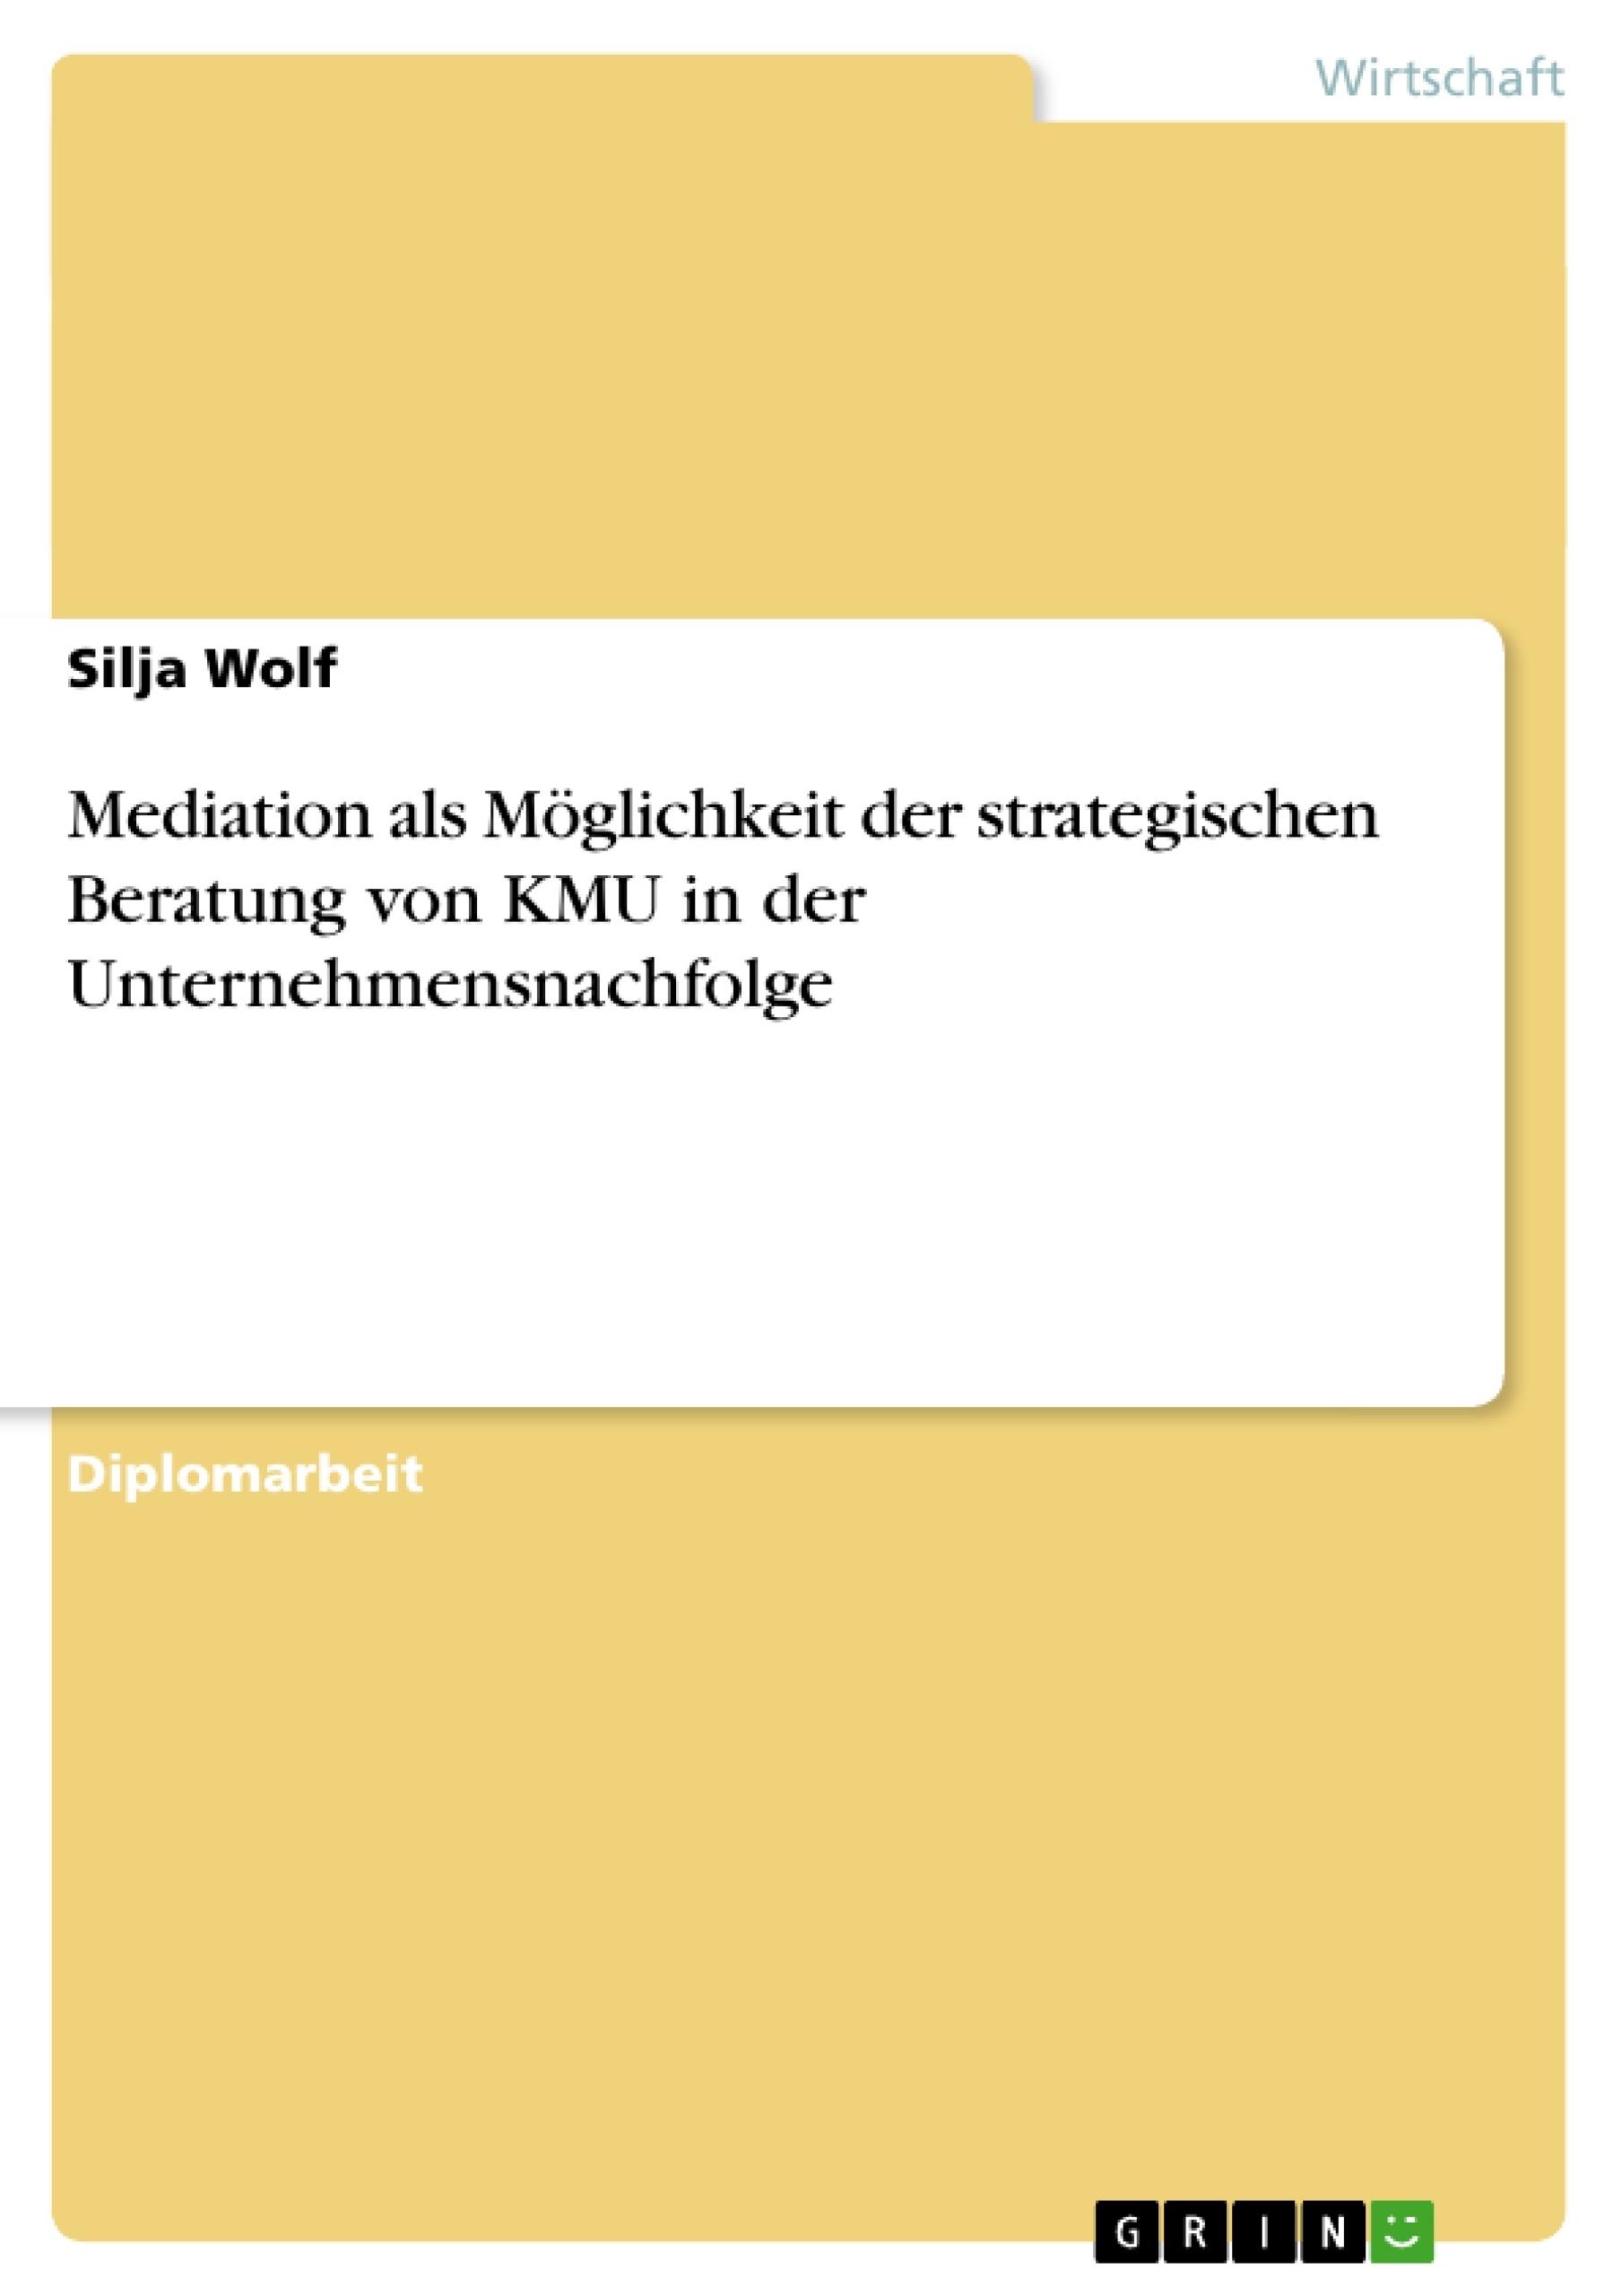 Titel: Mediation als Möglichkeit der strategischen Beratung von KMU in der Unternehmensnachfolge